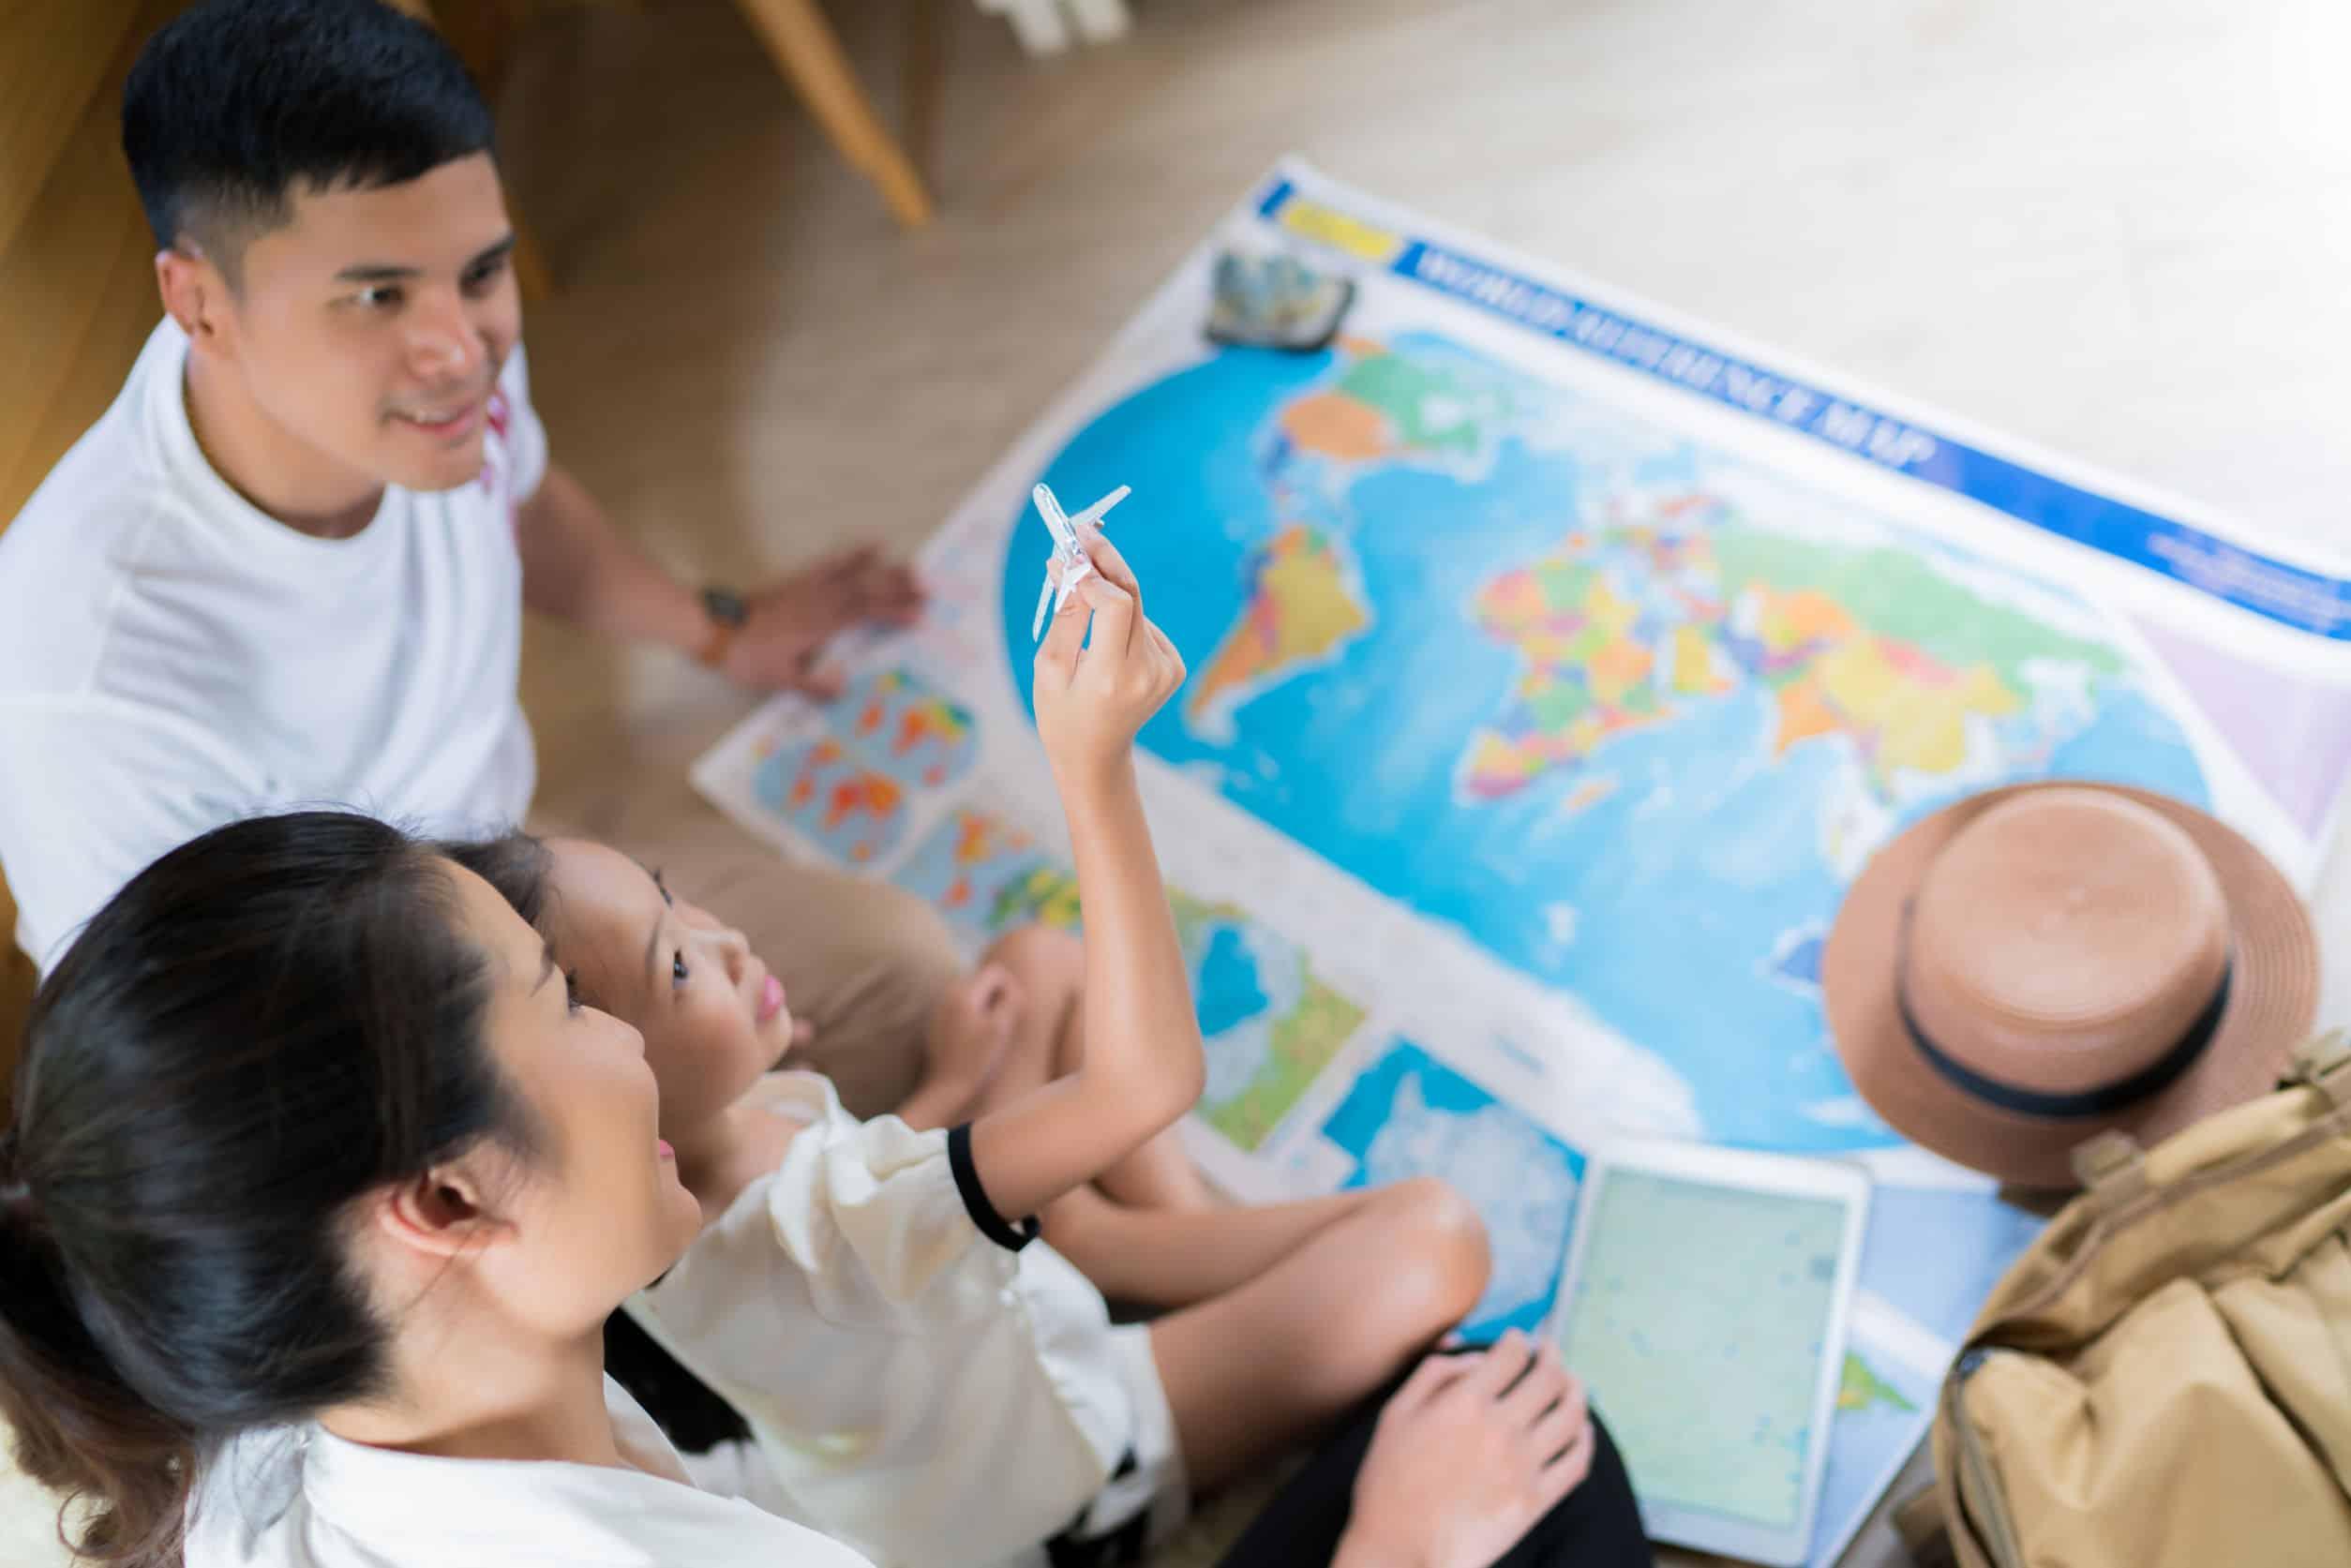 URLaub daheim: eine Familie sitzt zusammen vor einer Weltkarte